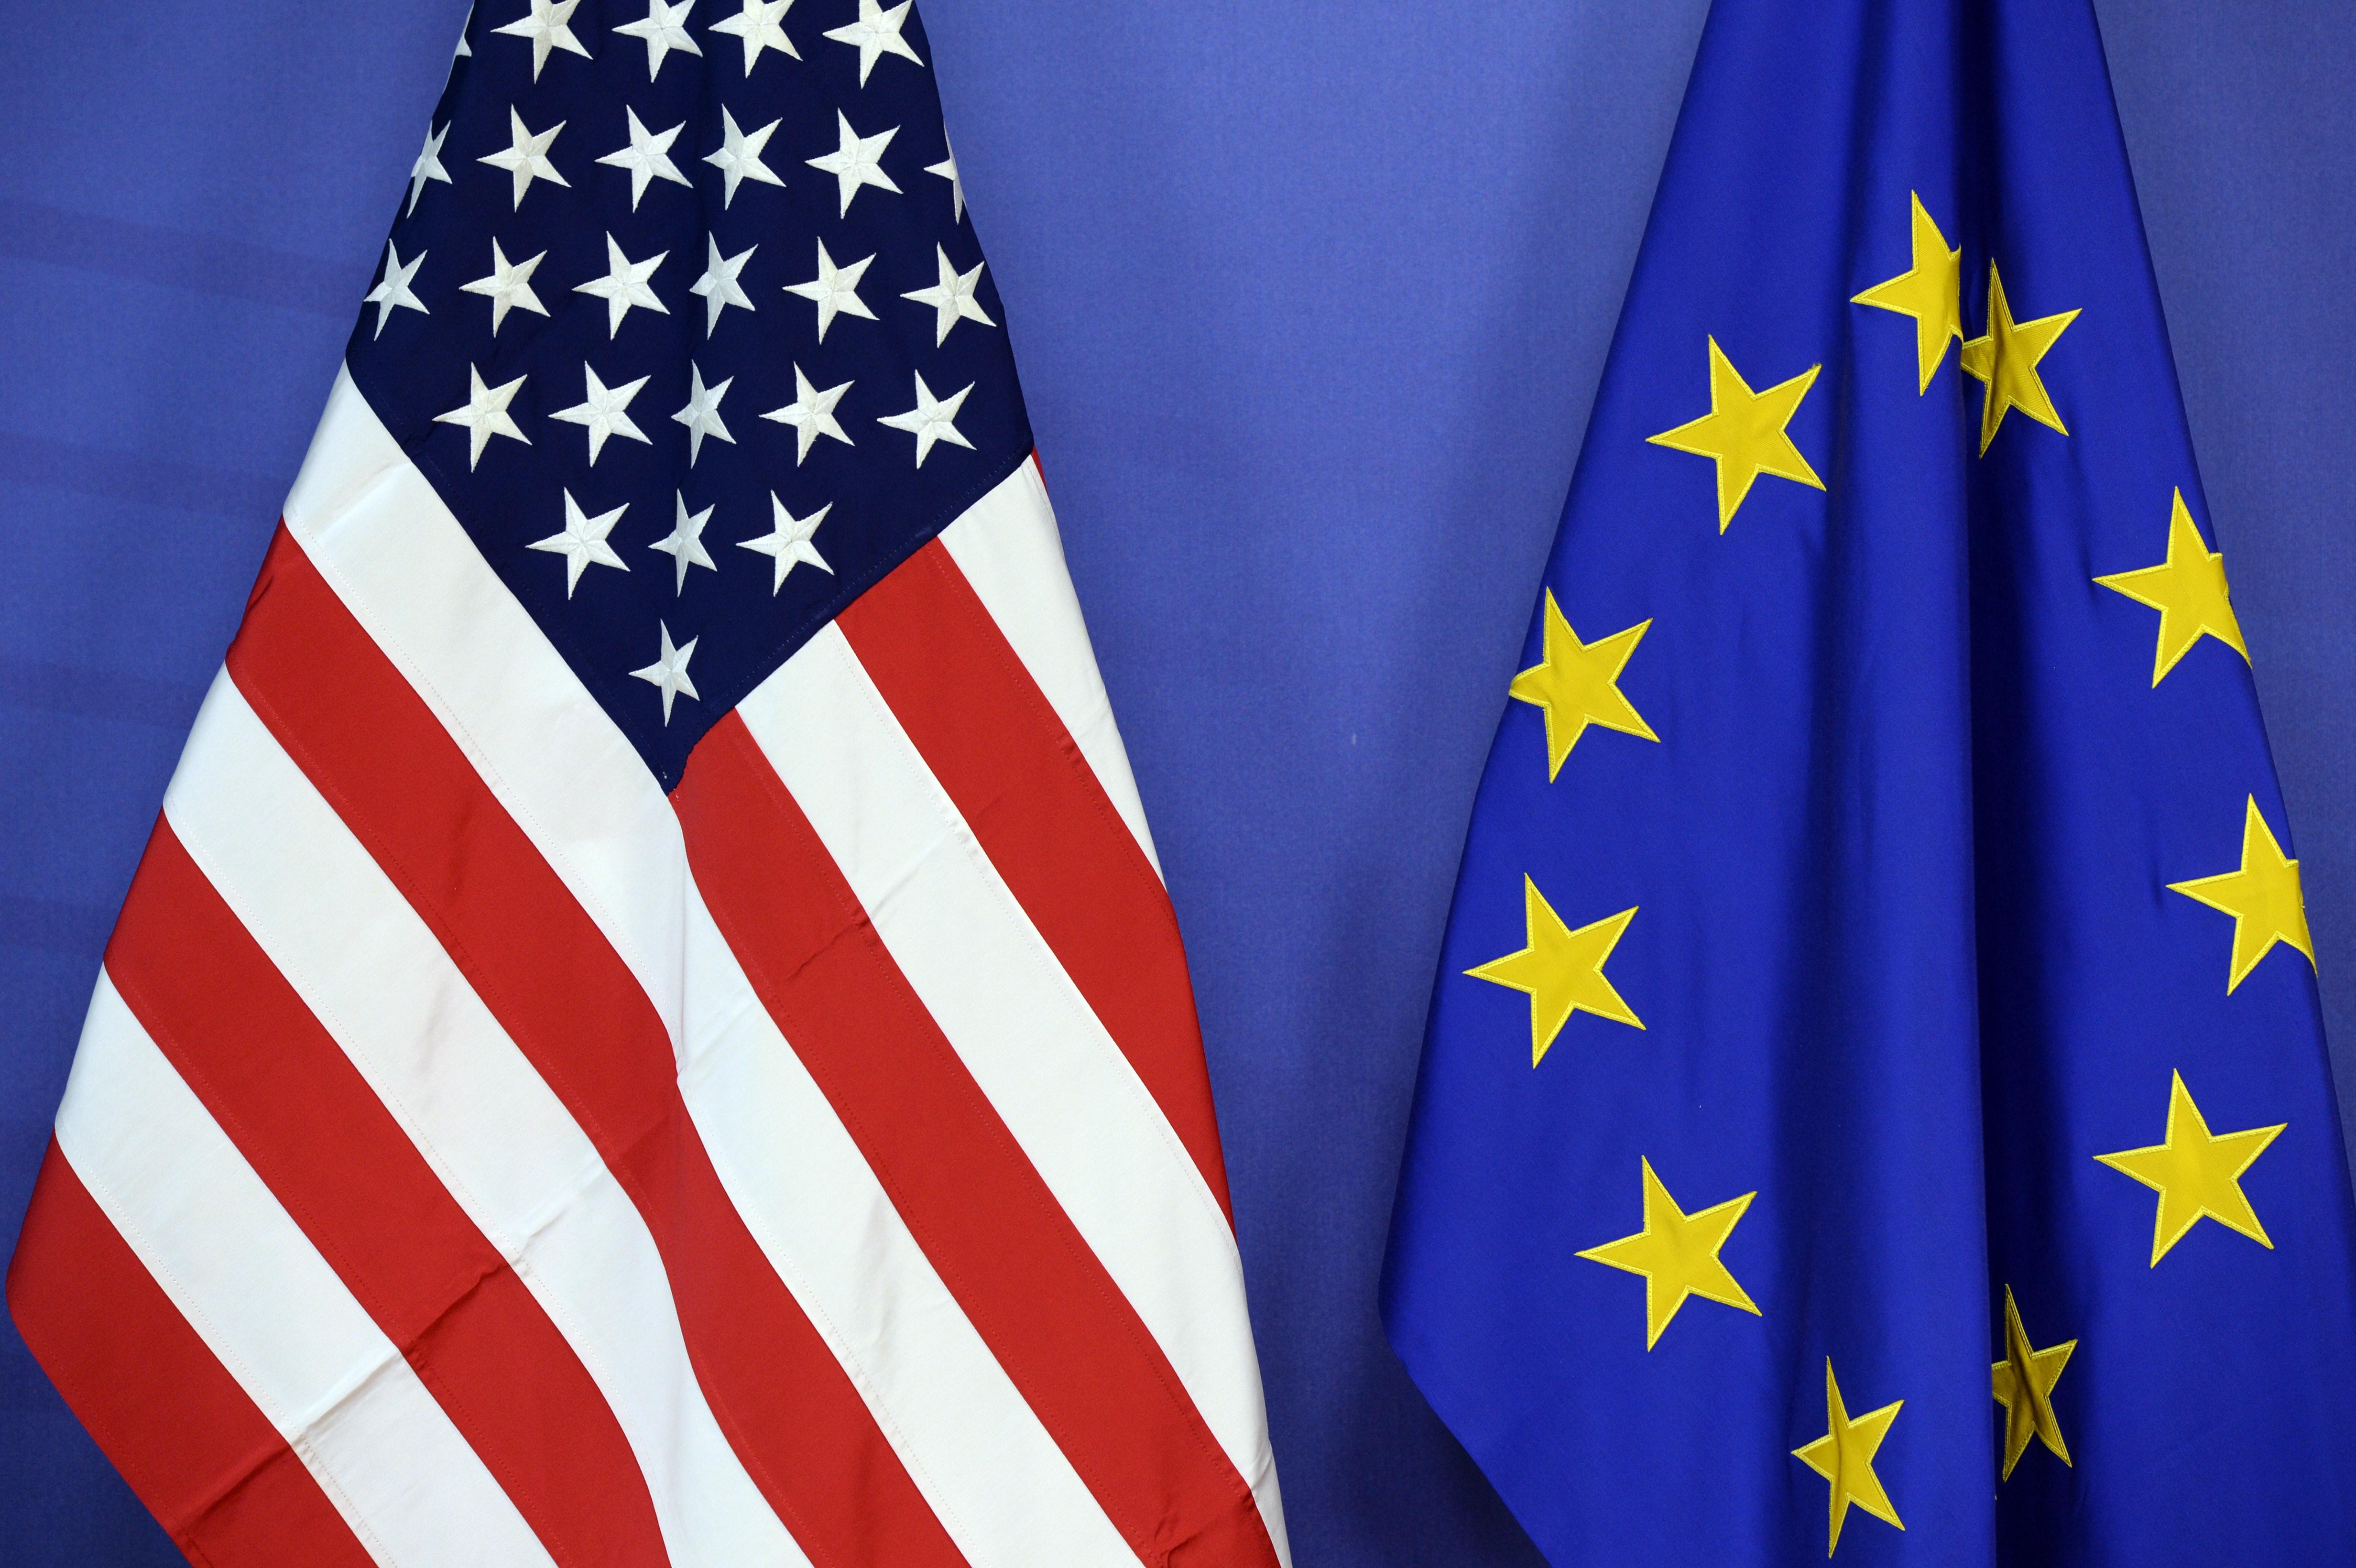 蓬佩奧和歐盟外長開會 攜手抗共達共識